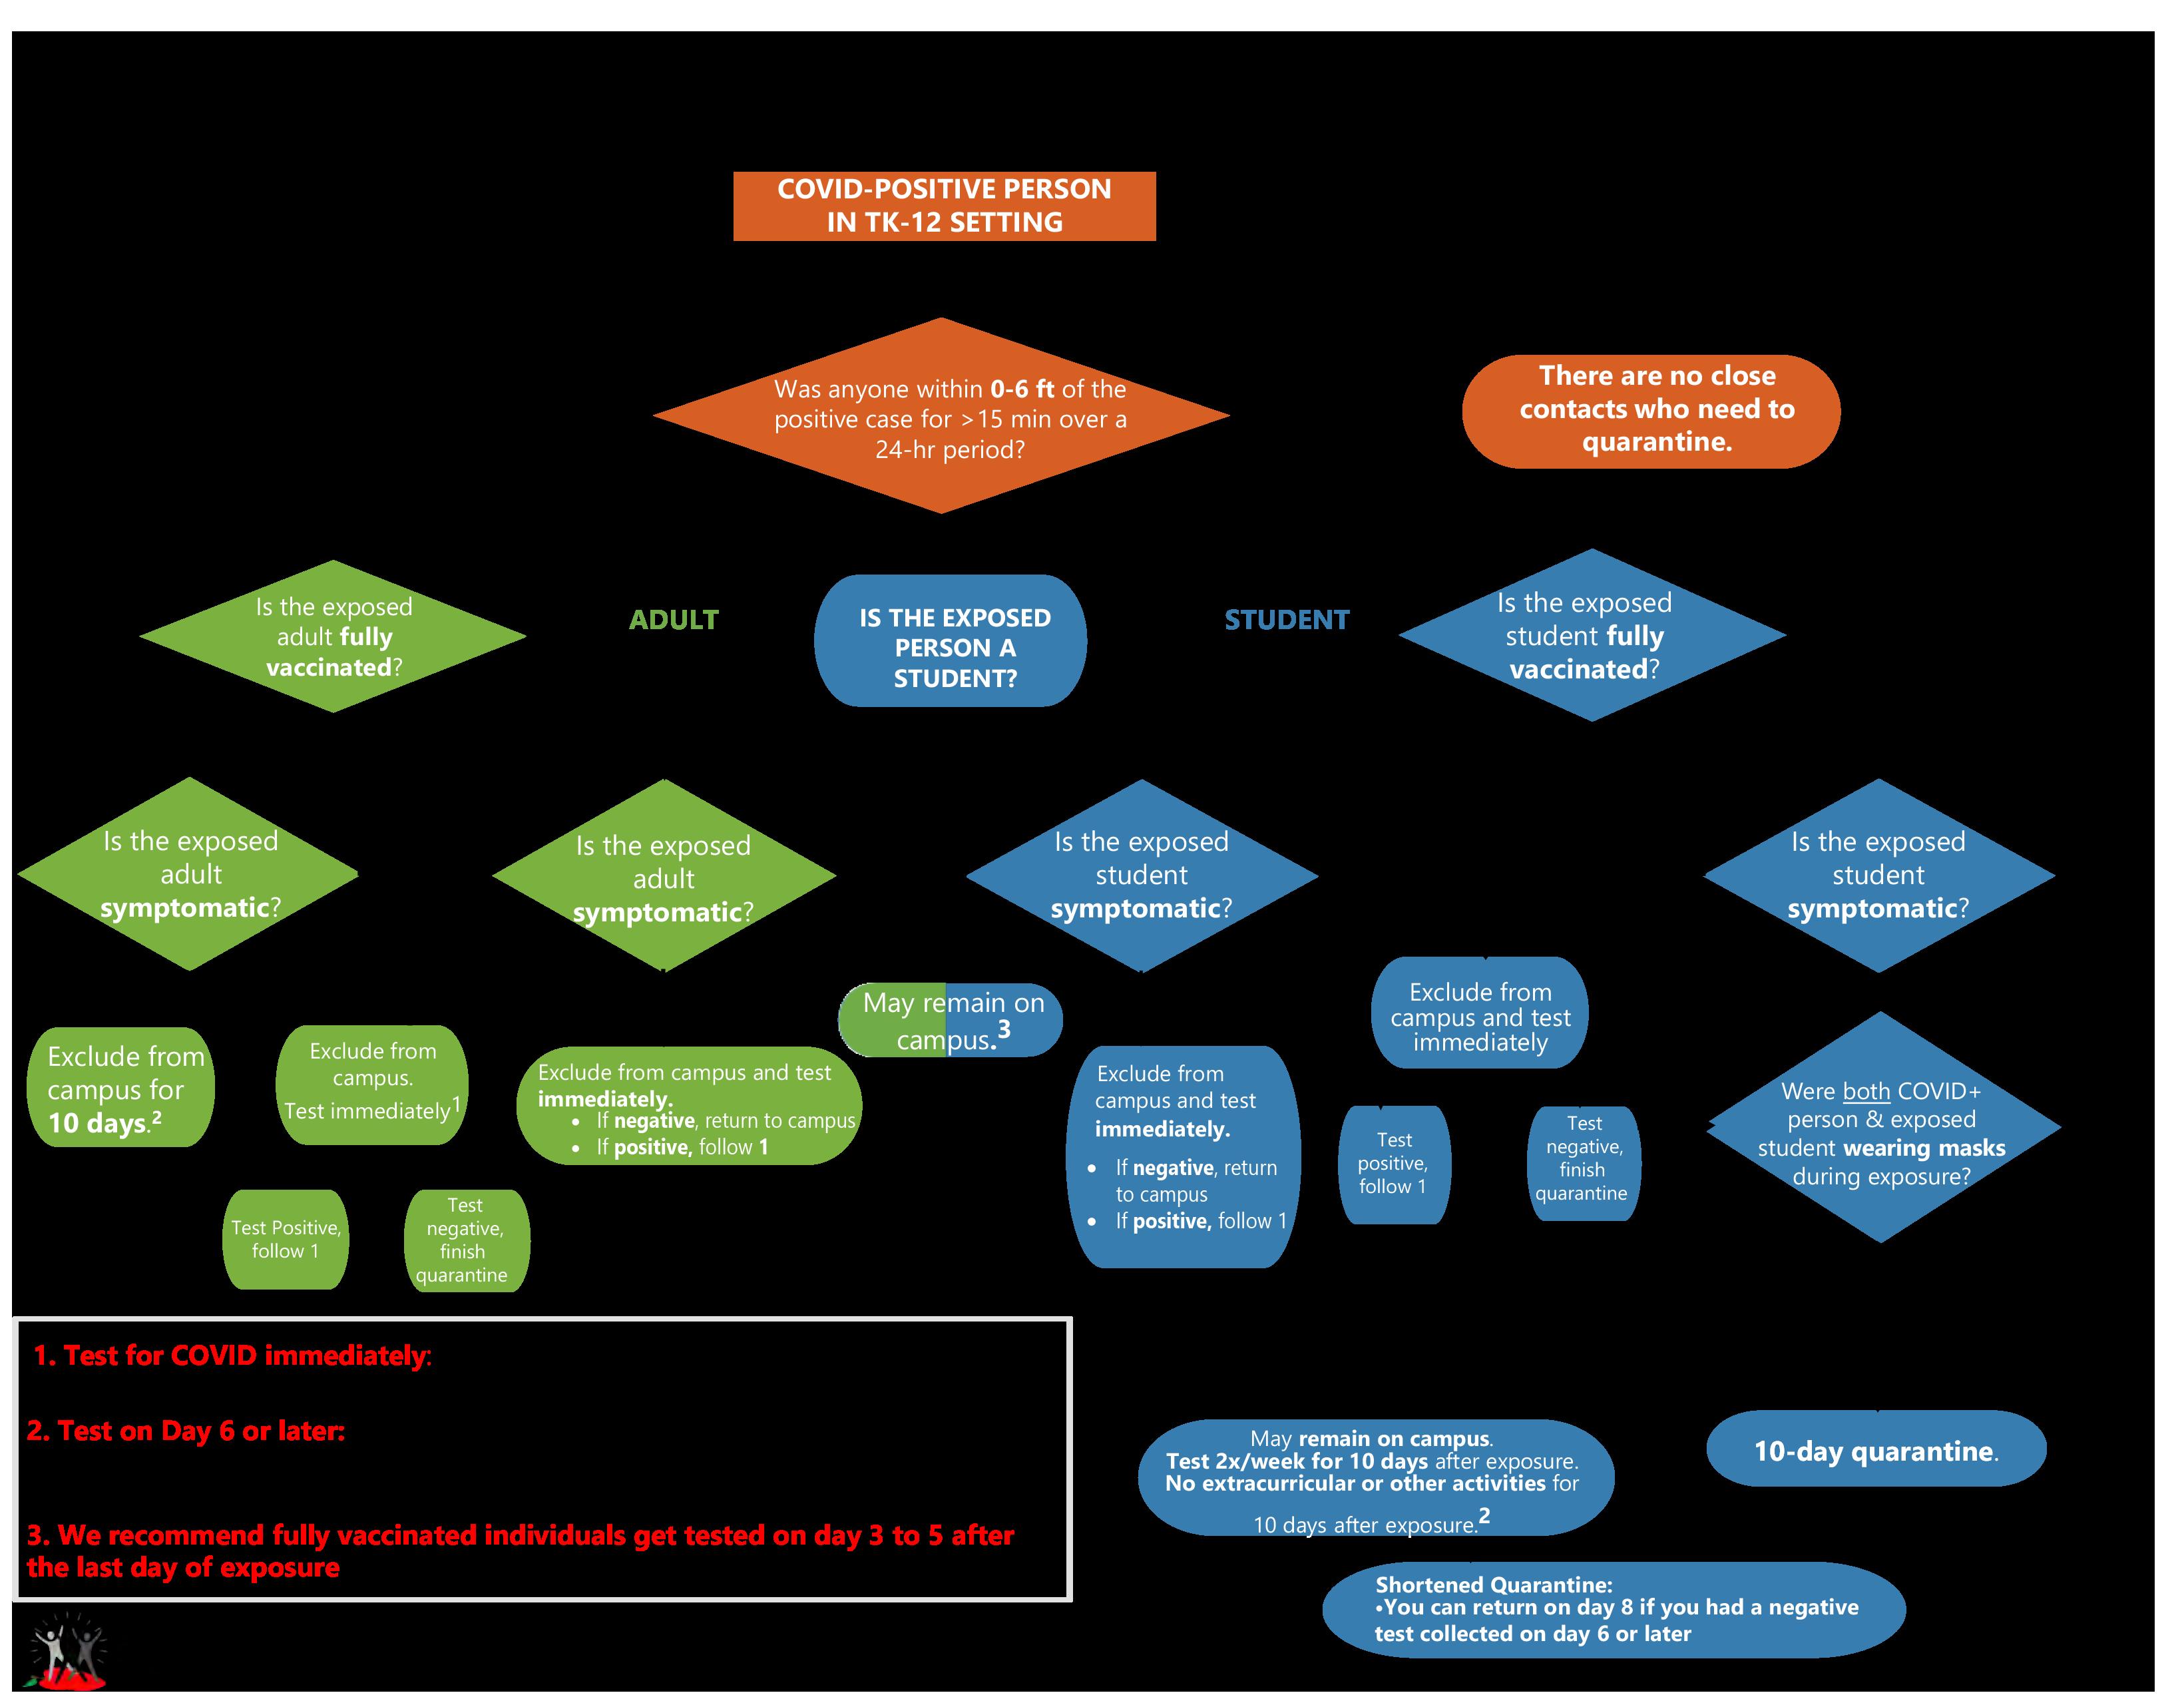 2021 -2022 Quarantine Requirements for TK -12 School Settings